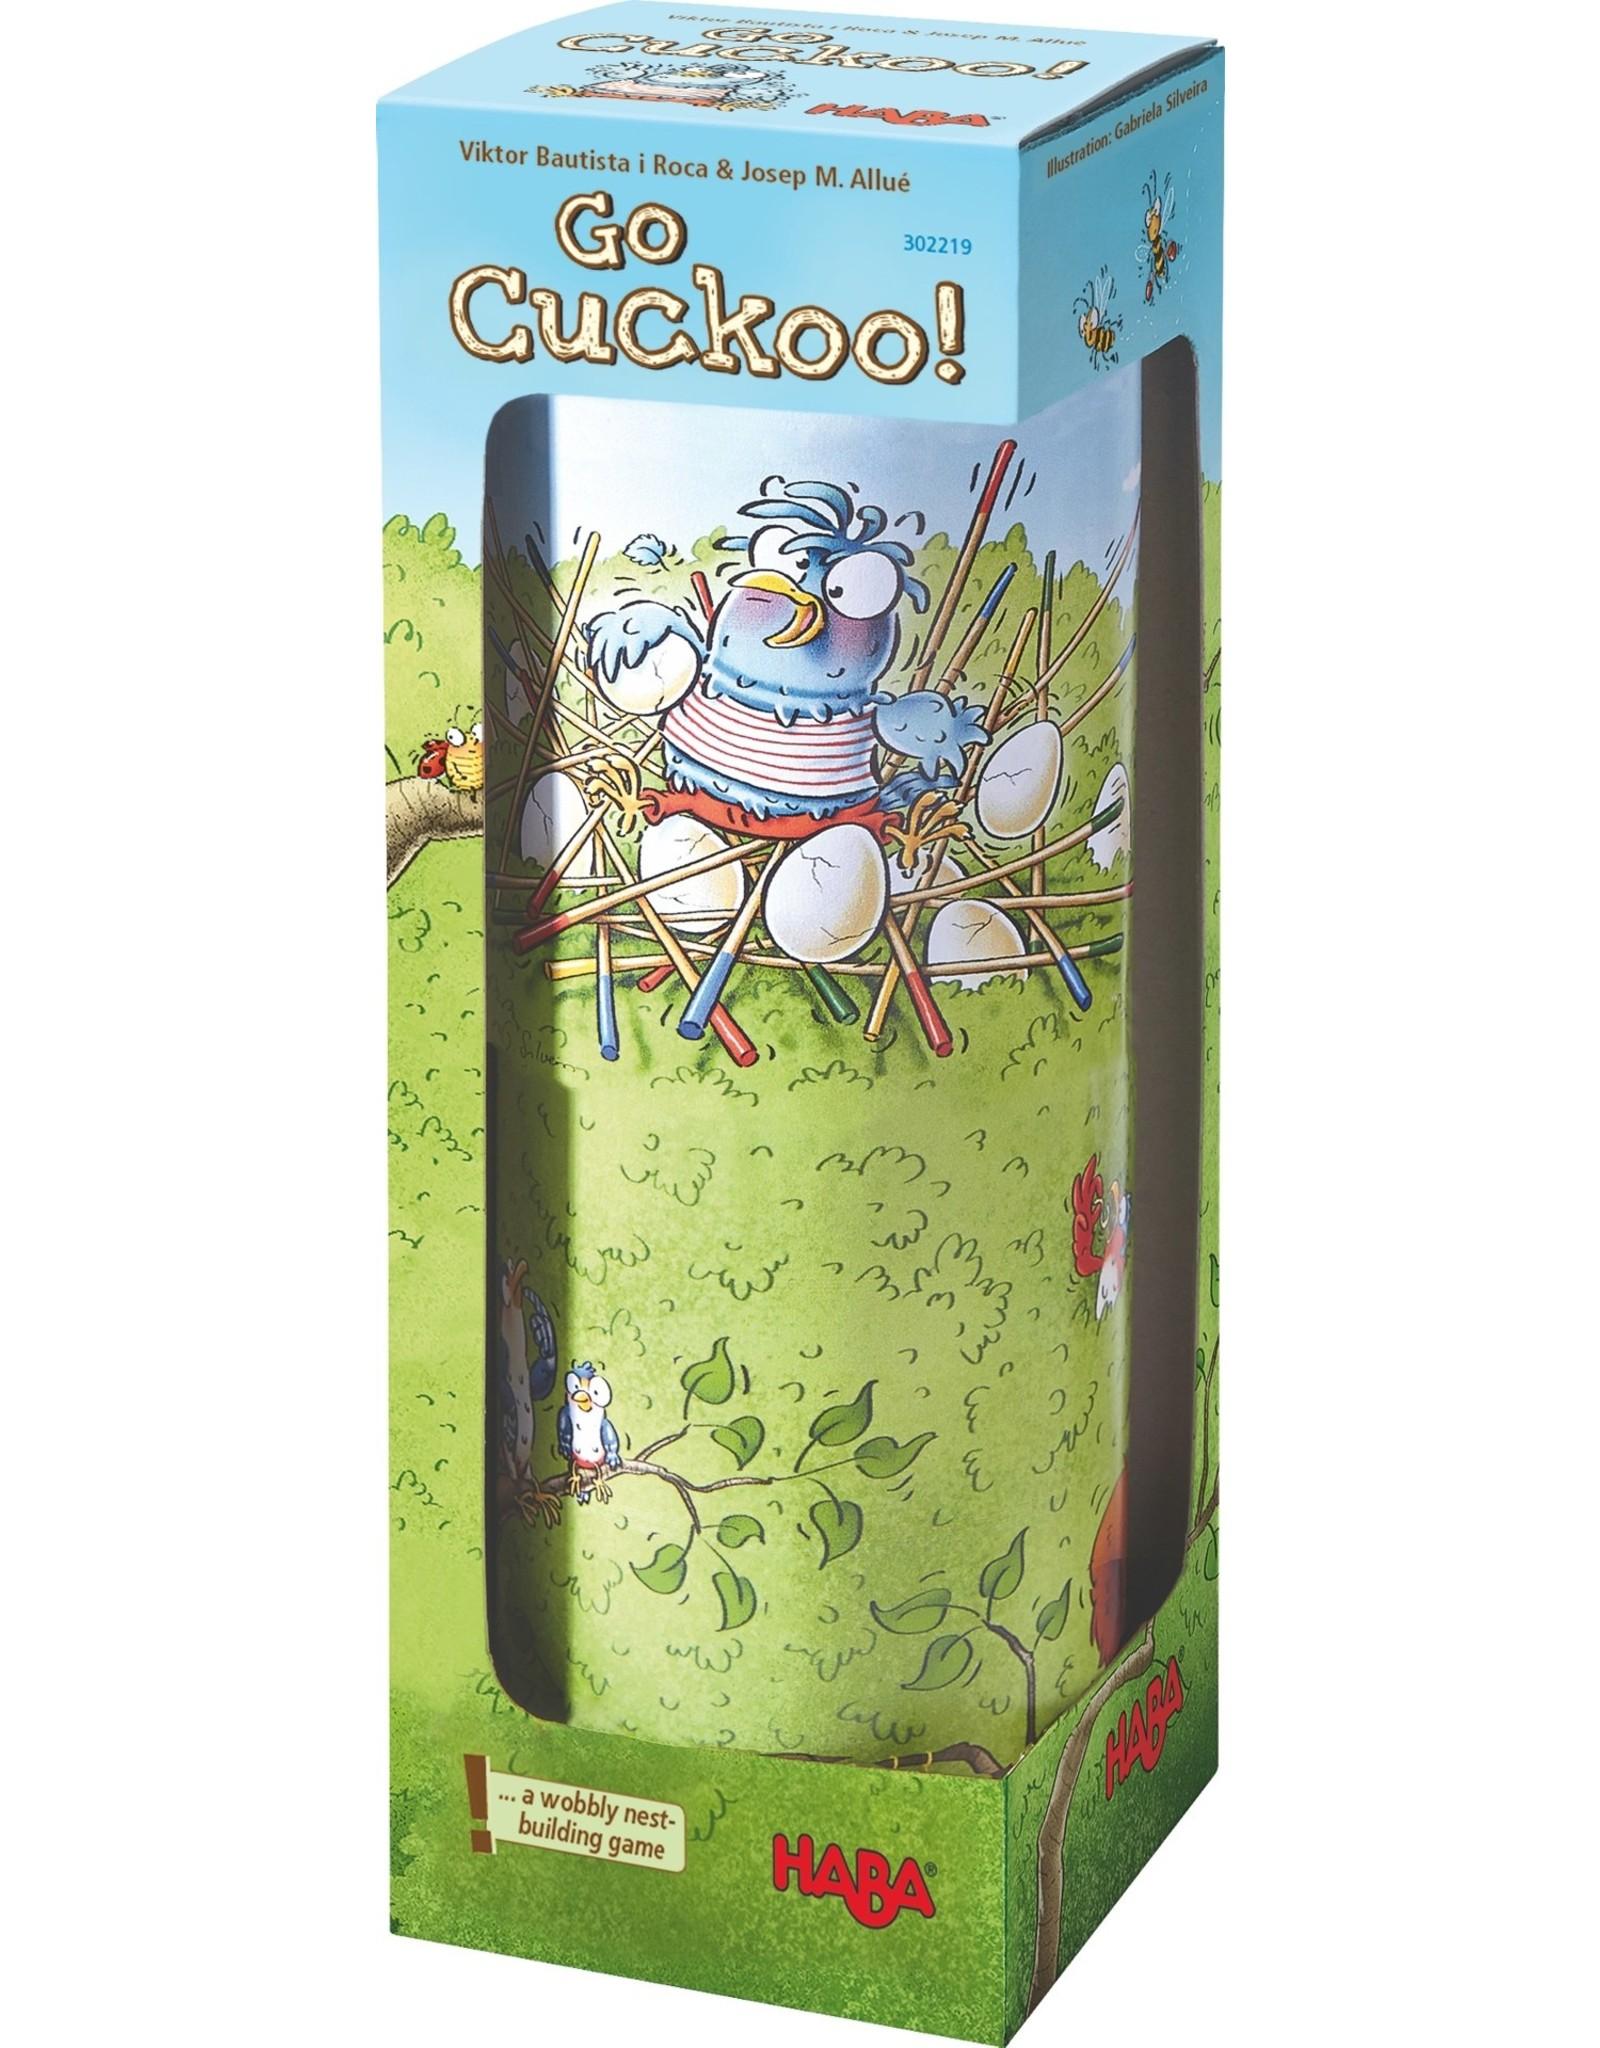 HABA Go Cuckoo